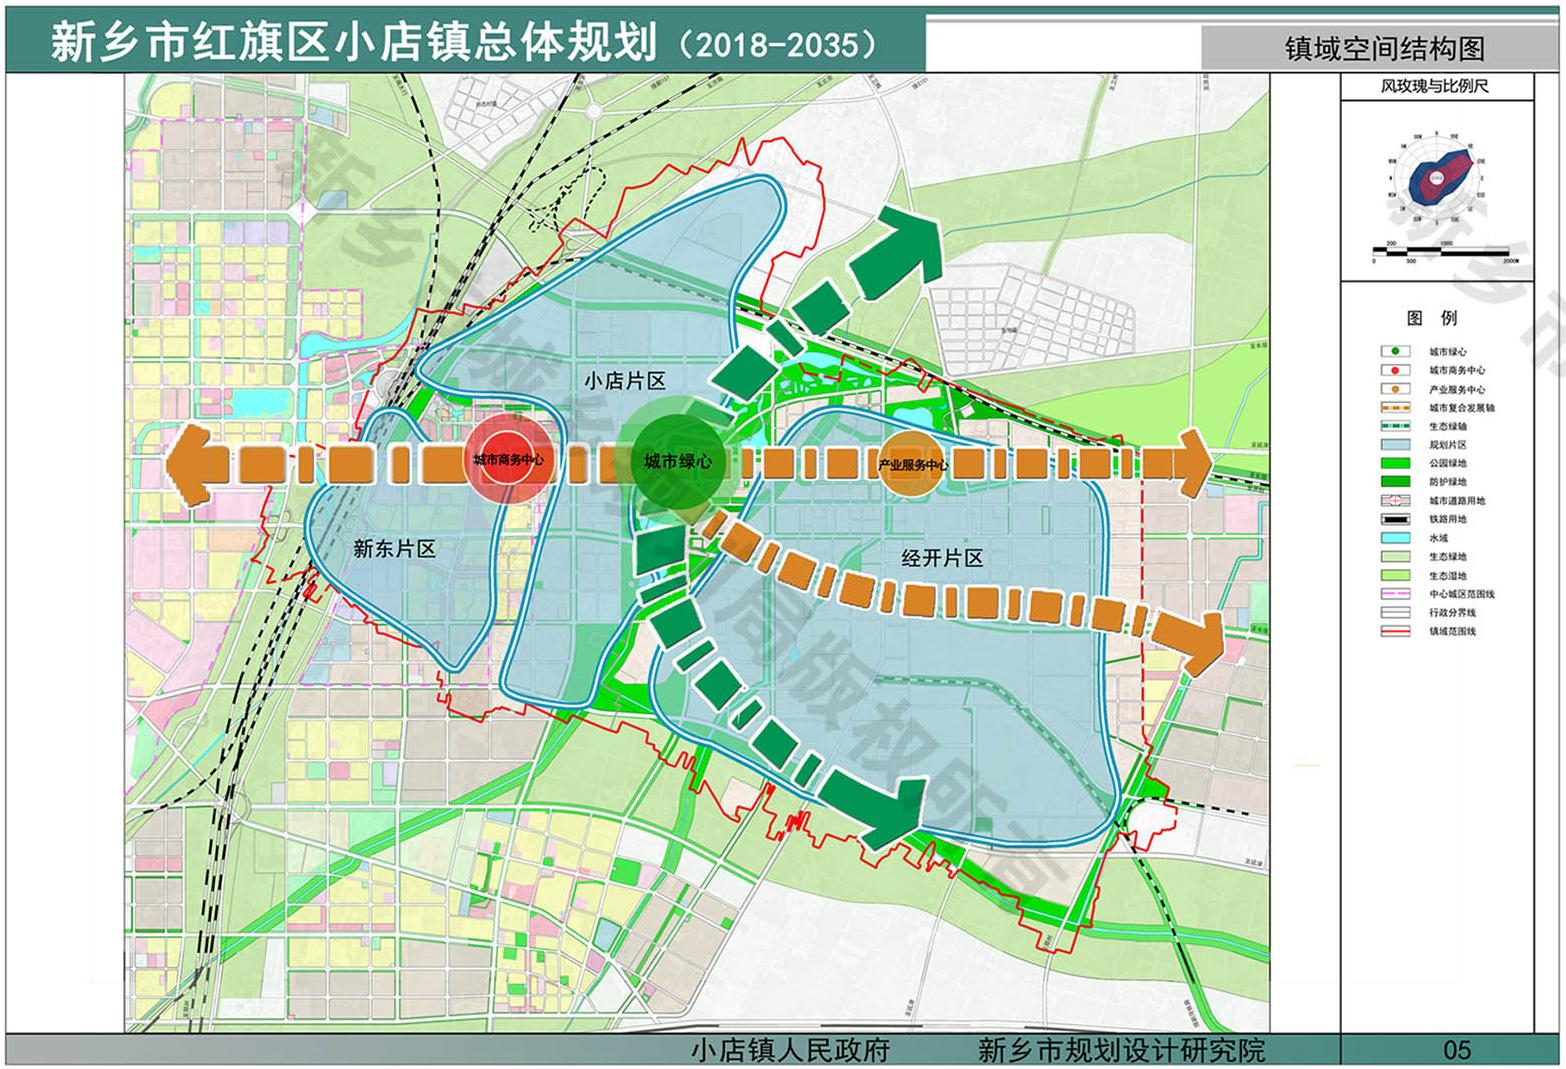 新乡市东区新规划:小店镇规划详情